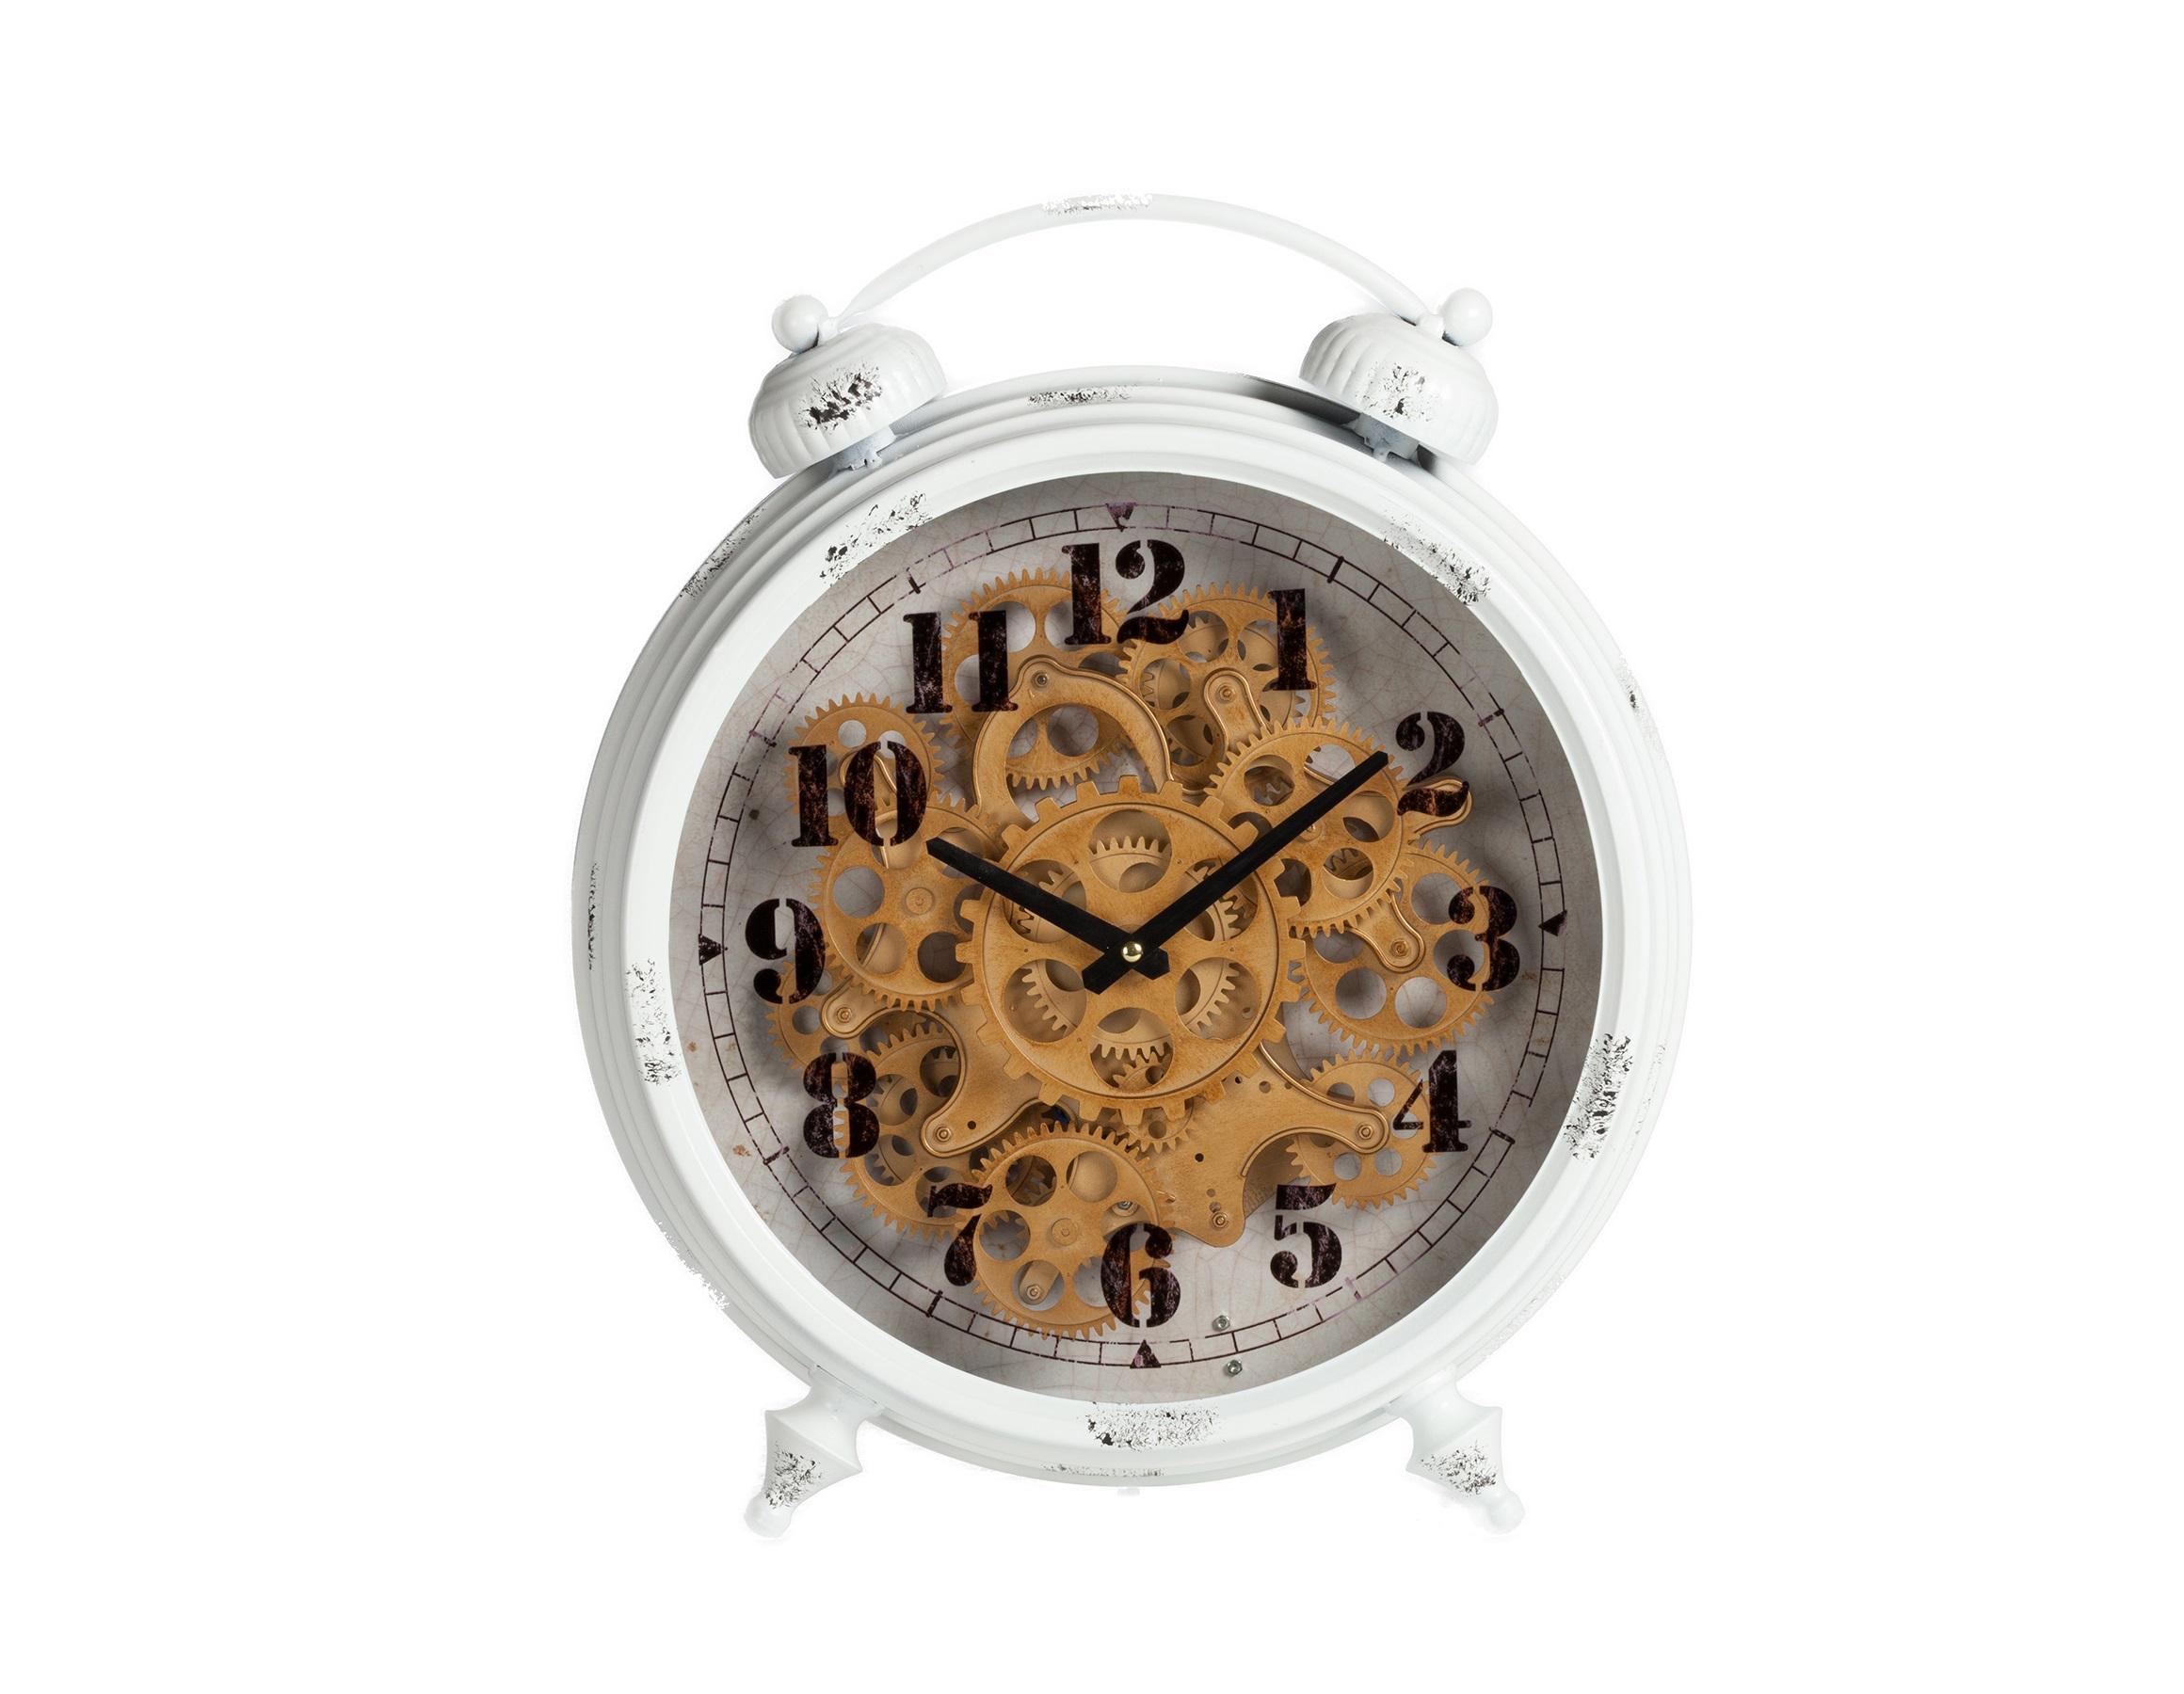 Будильник HuttonНастольные часы<br>&amp;lt;div&amp;gt;Кварцевый механизм&amp;lt;/div&amp;gt;&amp;lt;div&amp;gt;&amp;lt;br&amp;gt;&amp;lt;/div&amp;gt;<br><br>Material: Металл<br>Length см: None<br>Width см: 46<br>Depth см: 40<br>Height см: 12,5